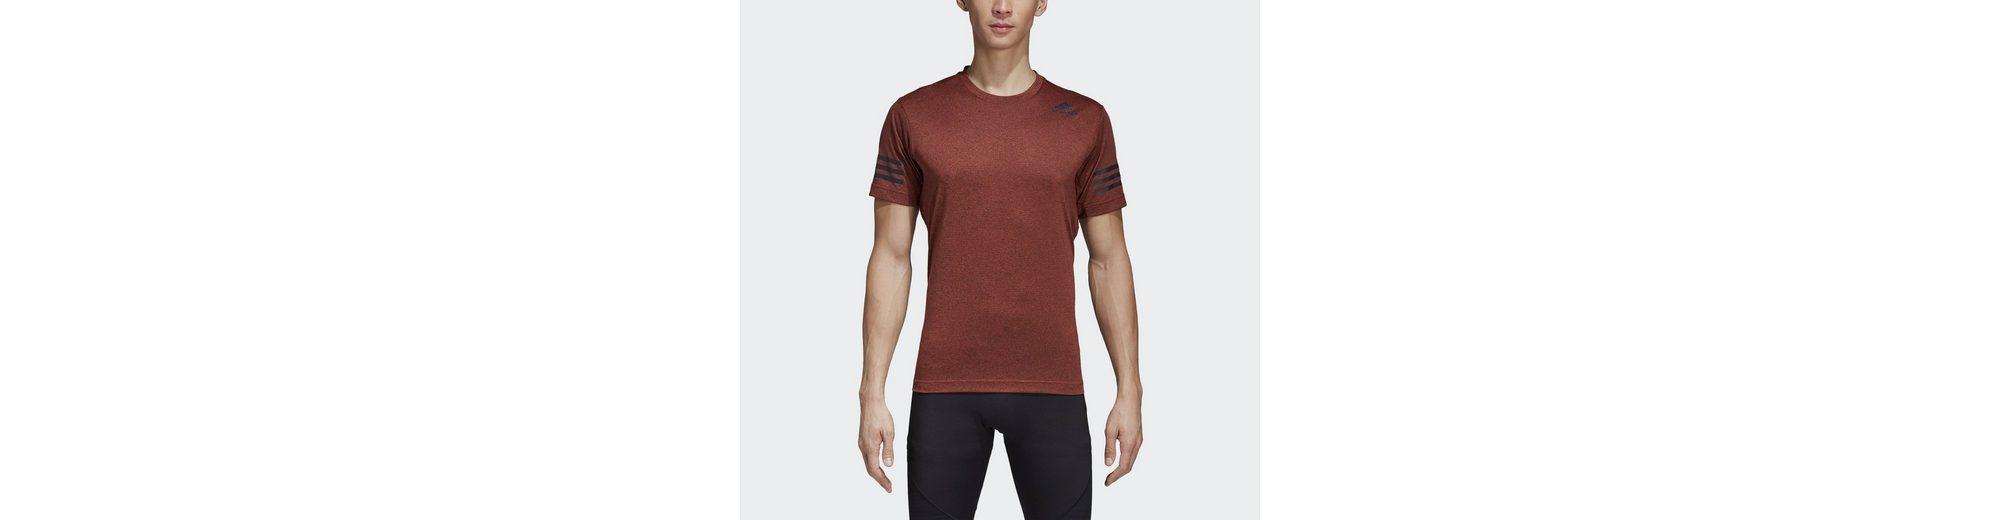 Auslassstellen Günstig Online Auslass Sneakernews adidas Performance T-Shirt FreeLift Climacool T-Shirt Gut Verkaufen Zu Verkaufen phe1kShoD